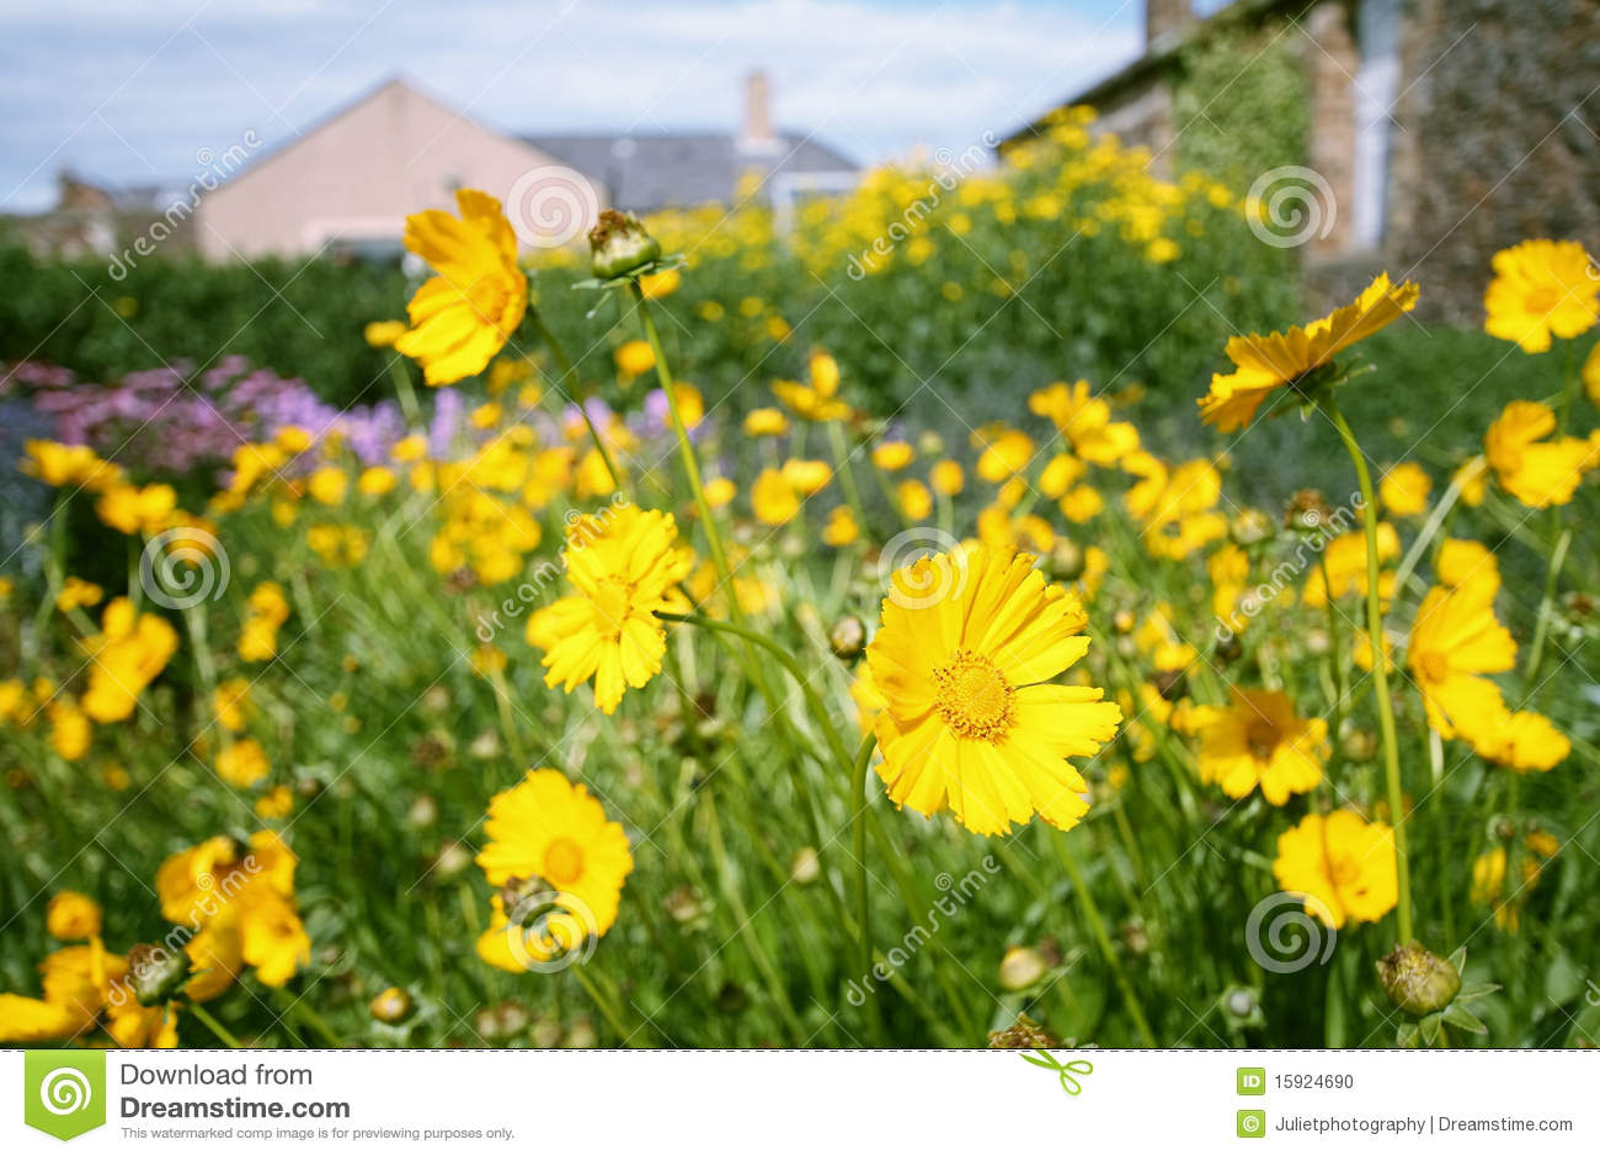 jardim rosas amarelas : jardim rosas amarelas:Yellow Flower Garden